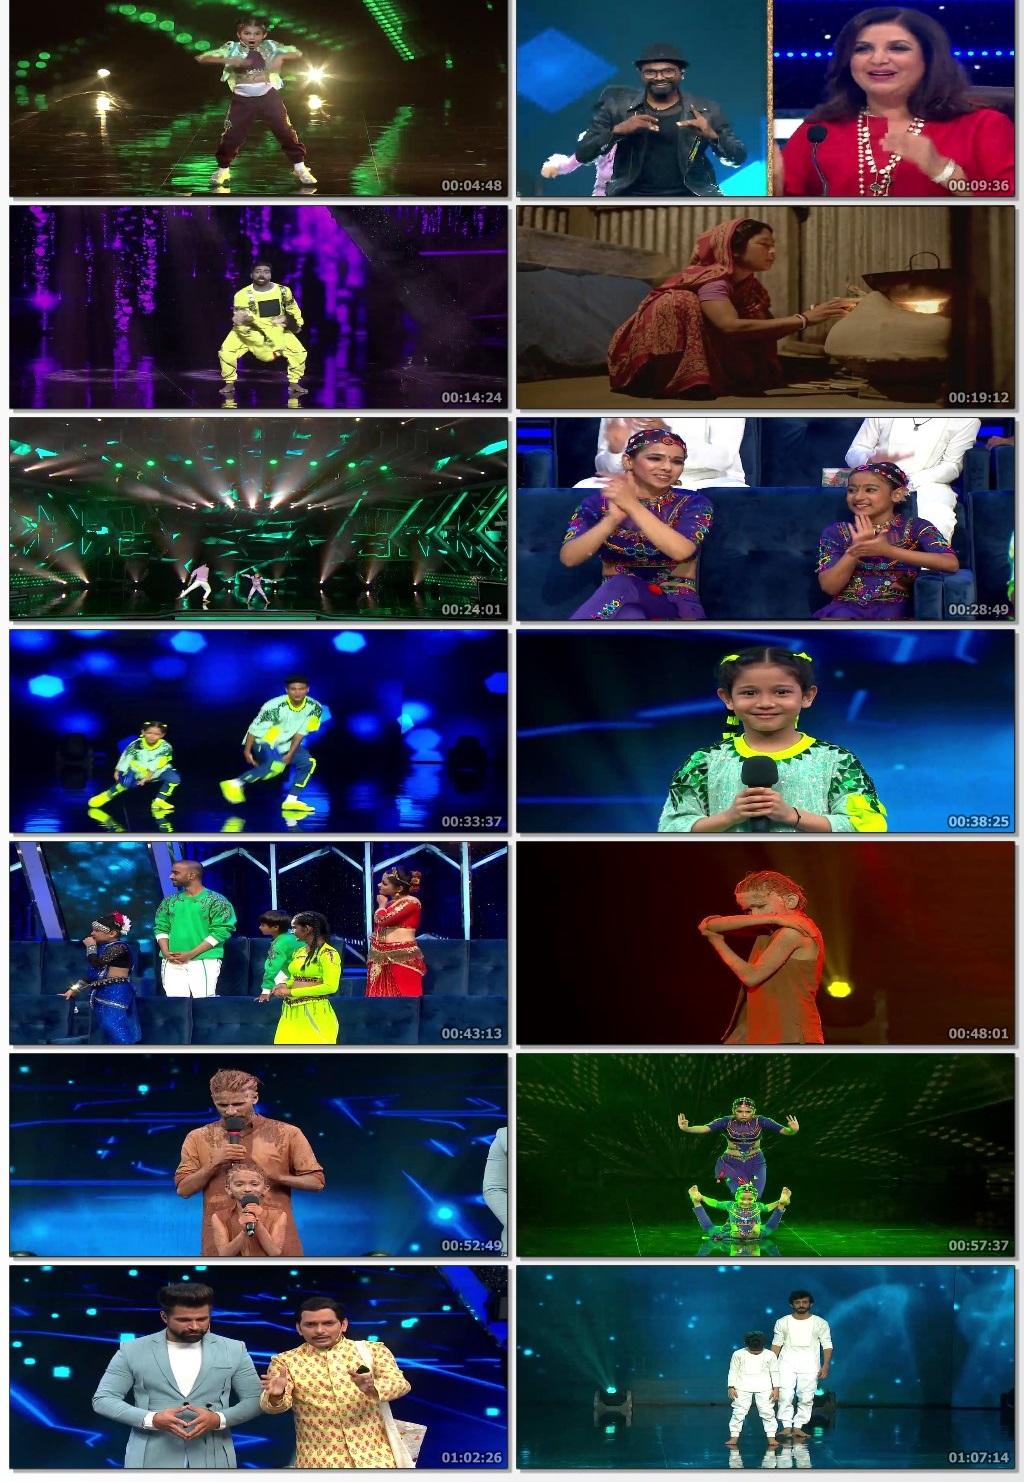 Super-Dancer-Chapter-4-2-May-2021-www-1kmovies-cyou-Hindi-720p-HDRip-500-MB-mkv-thumbs